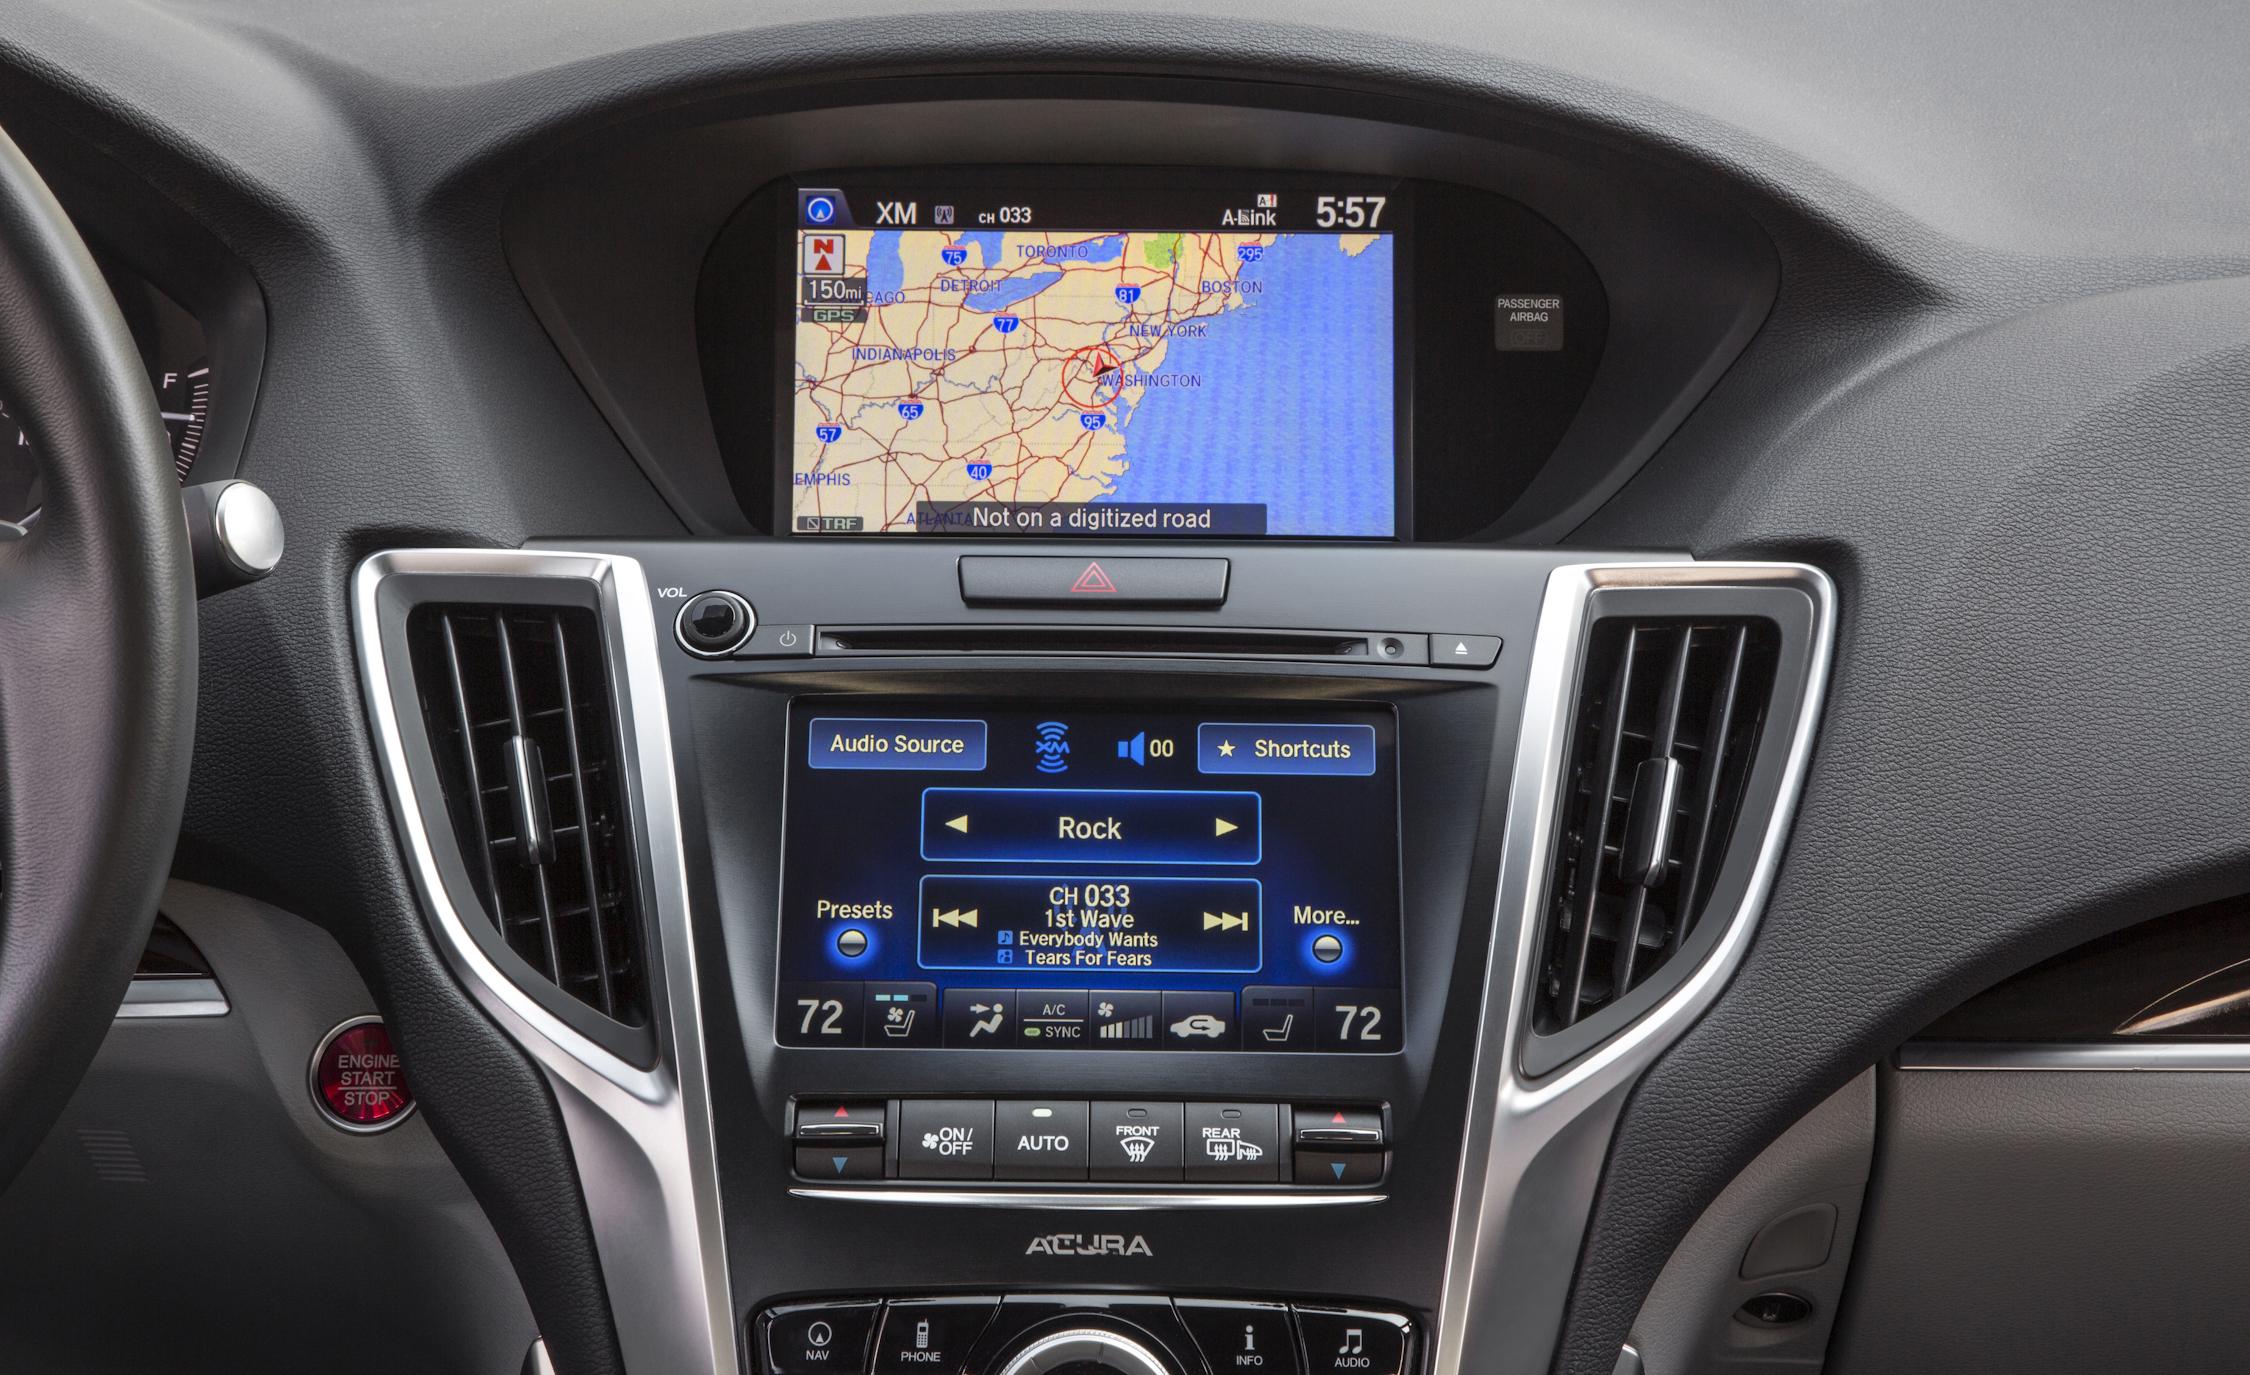 2015 Acura TLX 3.5L SH-AWD Interior Center Head Unit